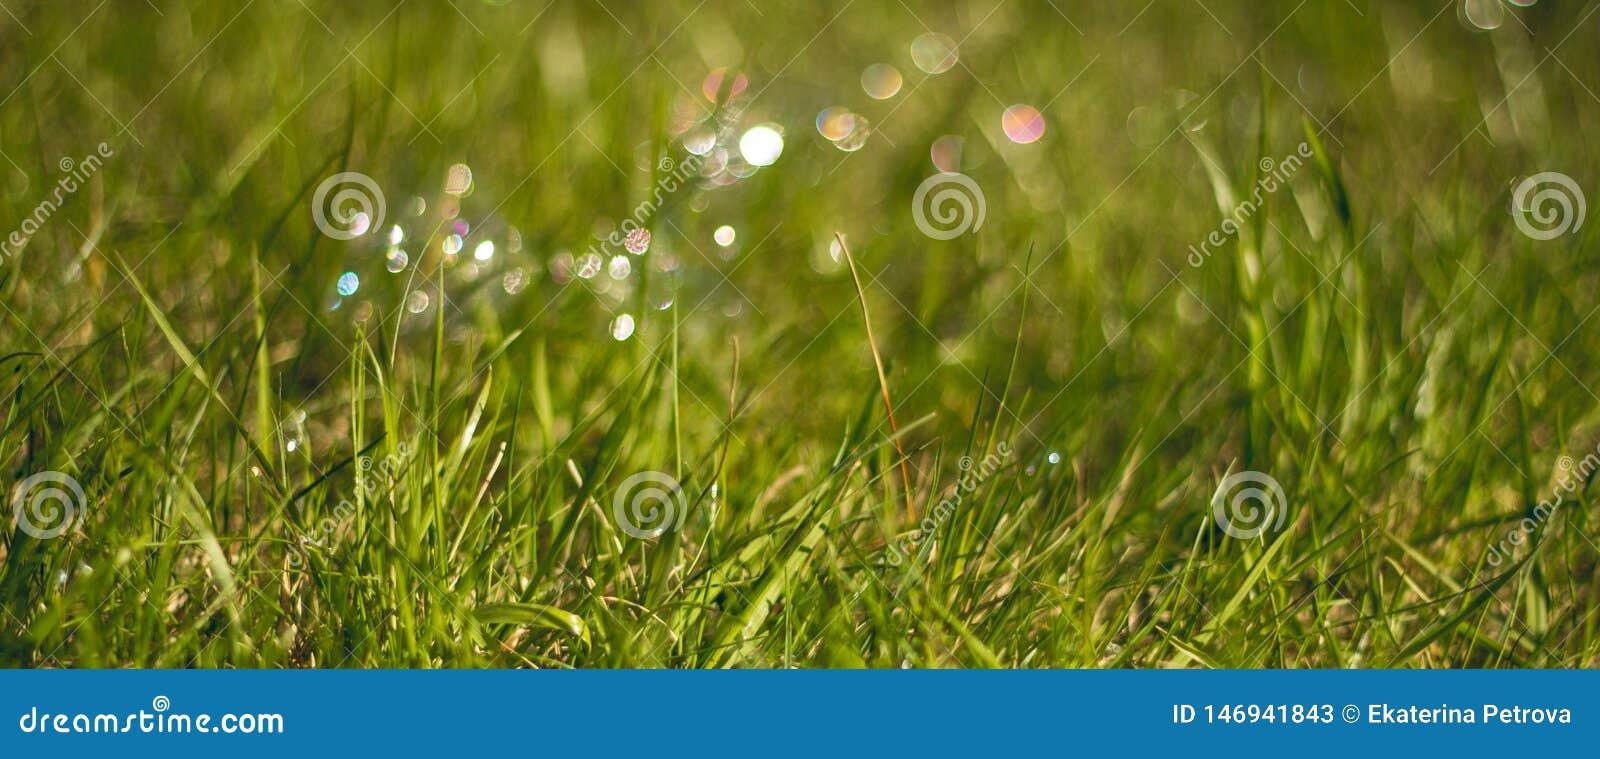 Saftigt och ljust - grönt gräs close upp Gr?n gr?sbakgrund Texturen av gr?set